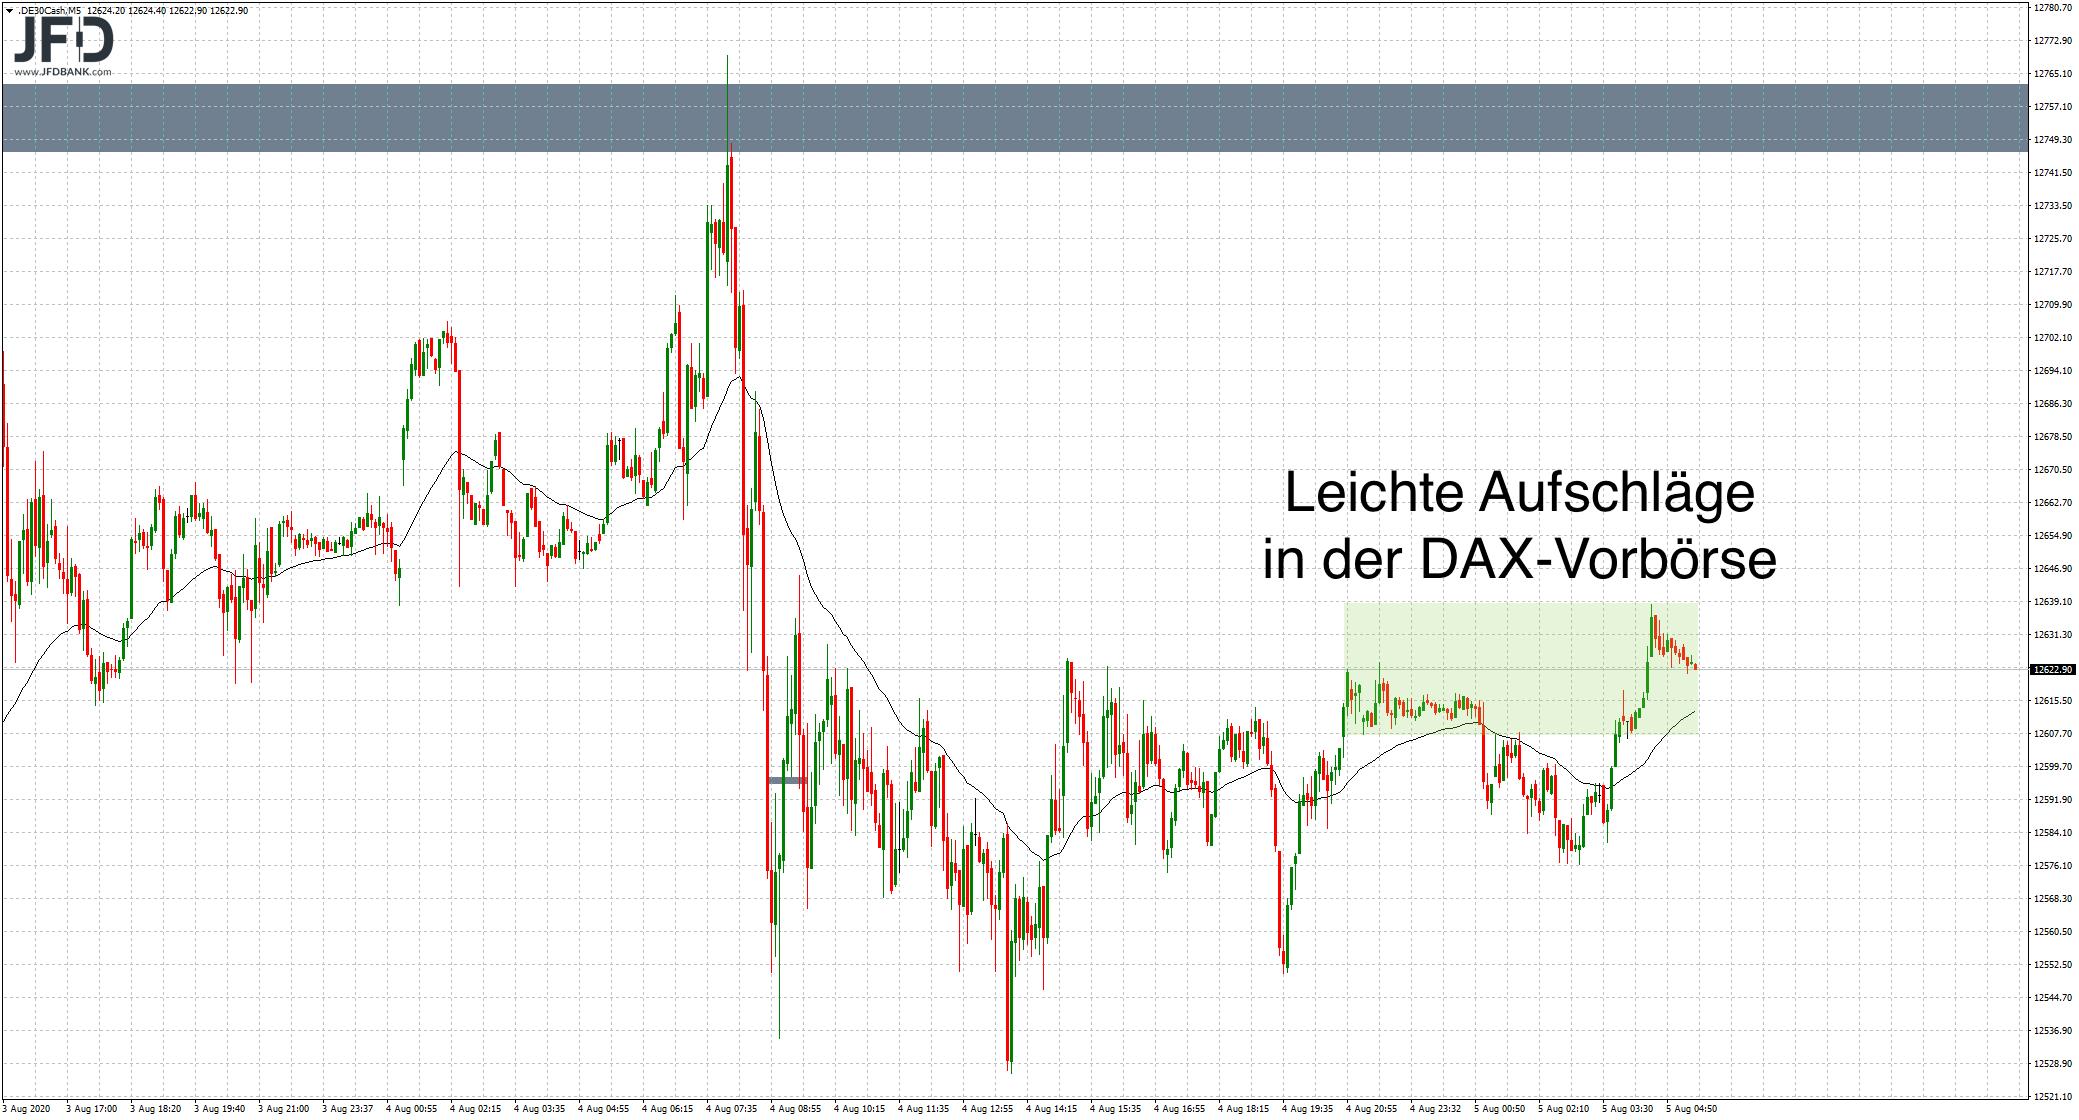 DAX-Vorbörse leicht positiv